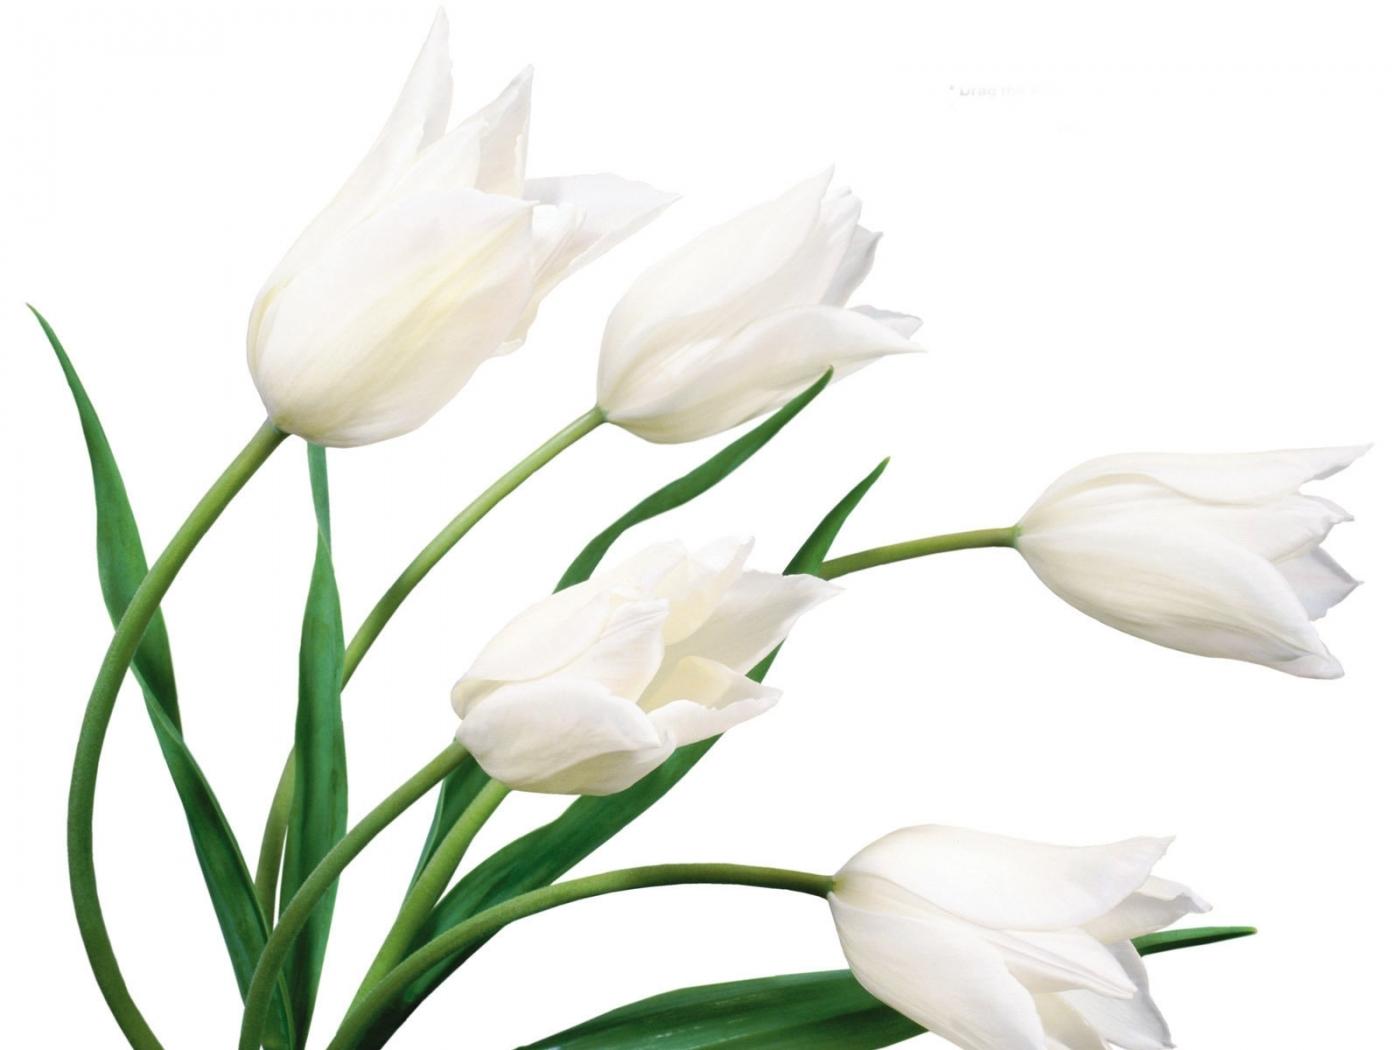 23672 скачать обои Растения, Цветы, Тюльпаны - заставки и картинки бесплатно